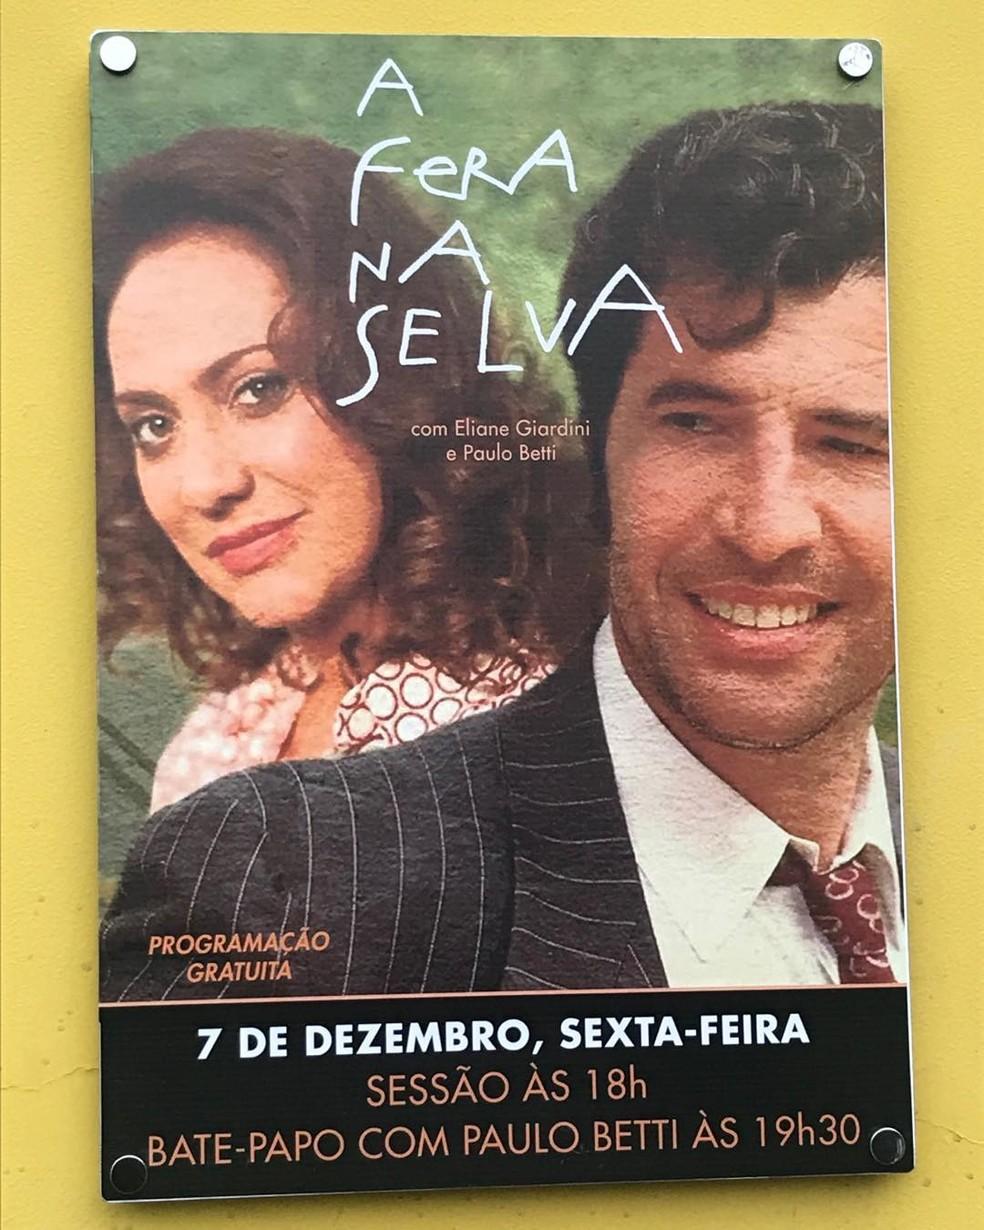 Os atores vivem um casal no filme 'A Fera na Selva' — Foto: Reprodução/Instagram